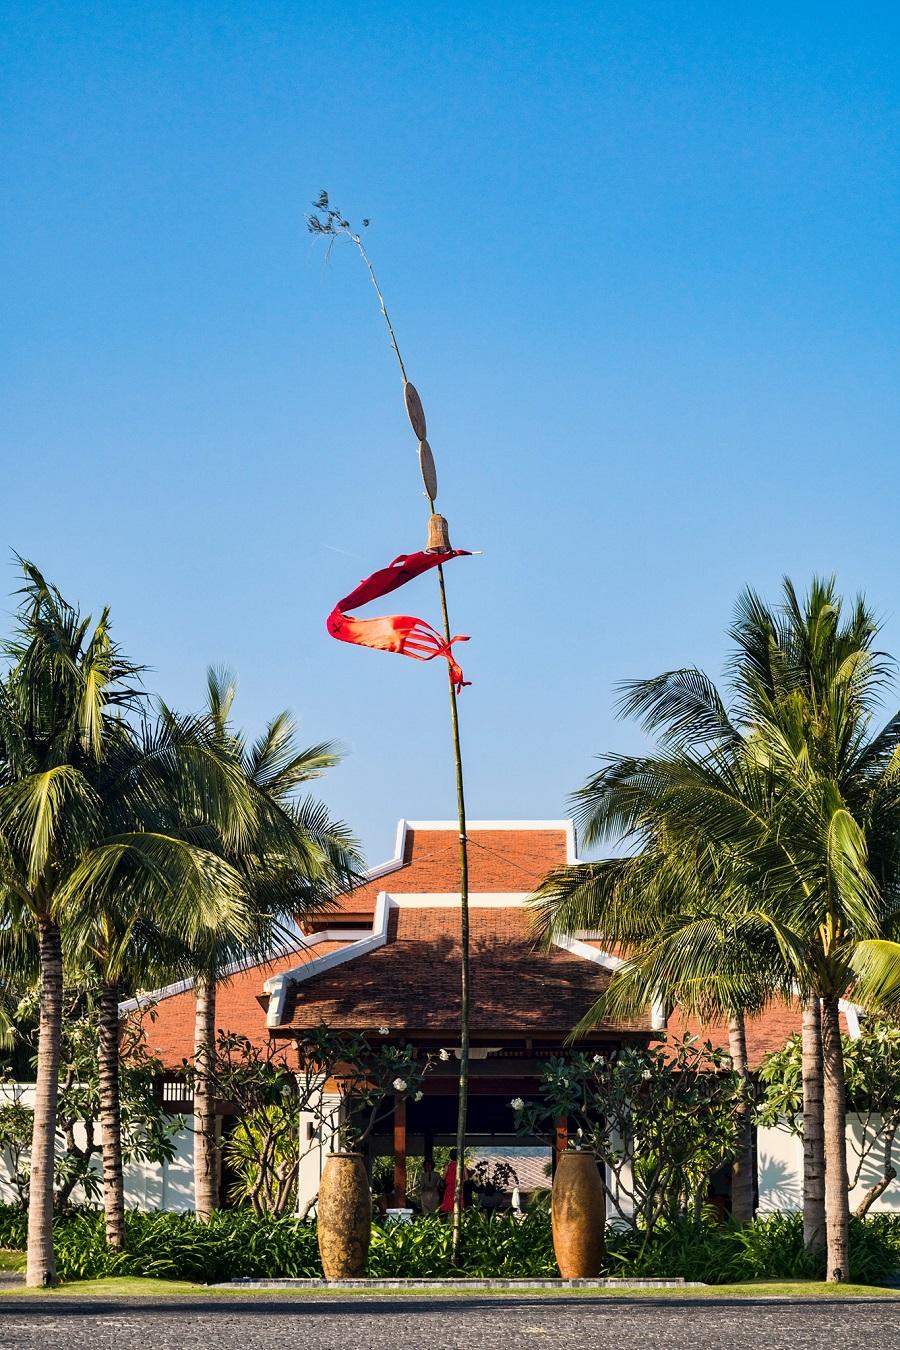 Nghi lễ trồng cây nêu sẽ được tổ chức tại khu nghỉ dưỡng vào 4/2. Ảnh: The Anam.